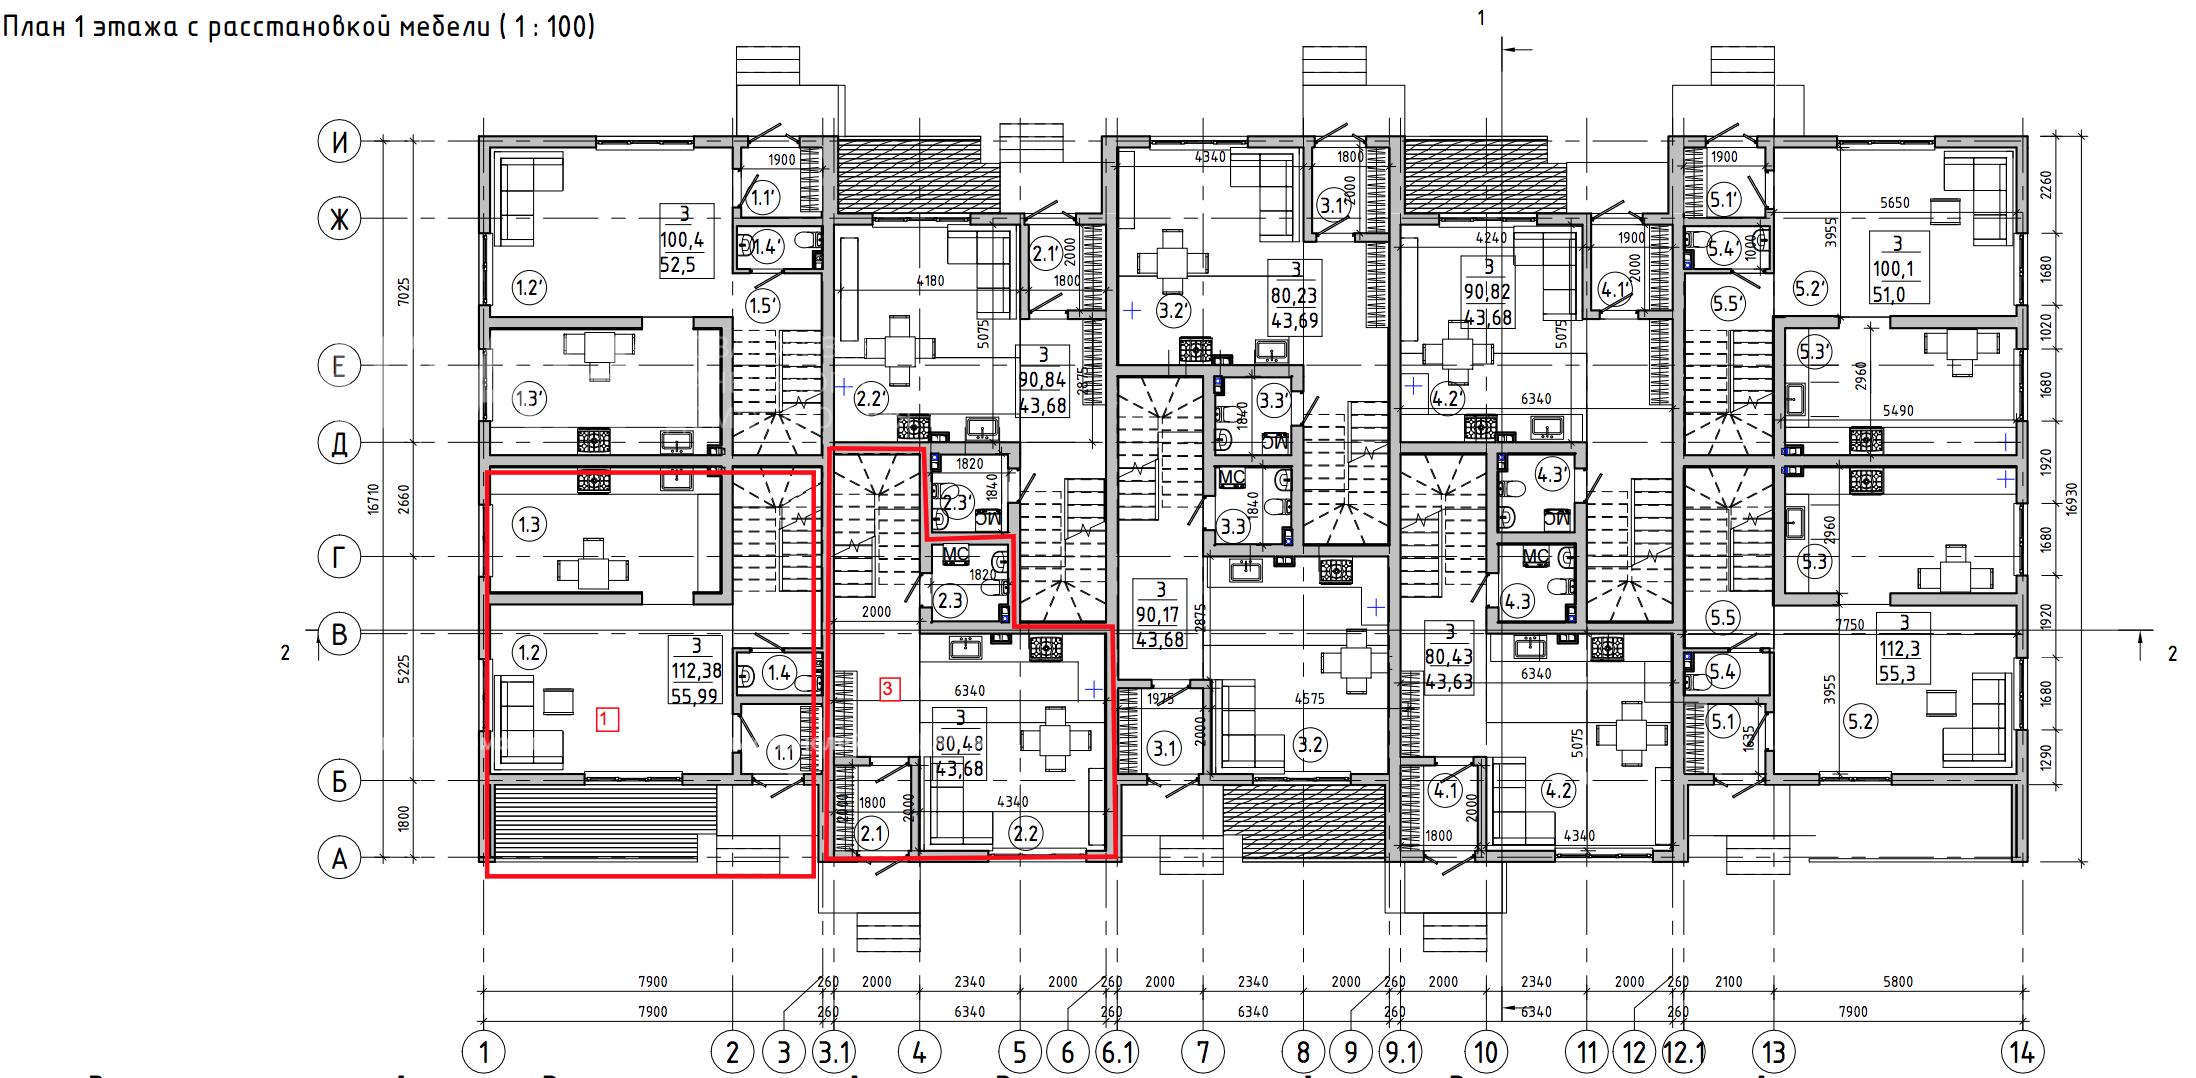 Планировка первого этажа проекта МС-1393 июнь 2019 года